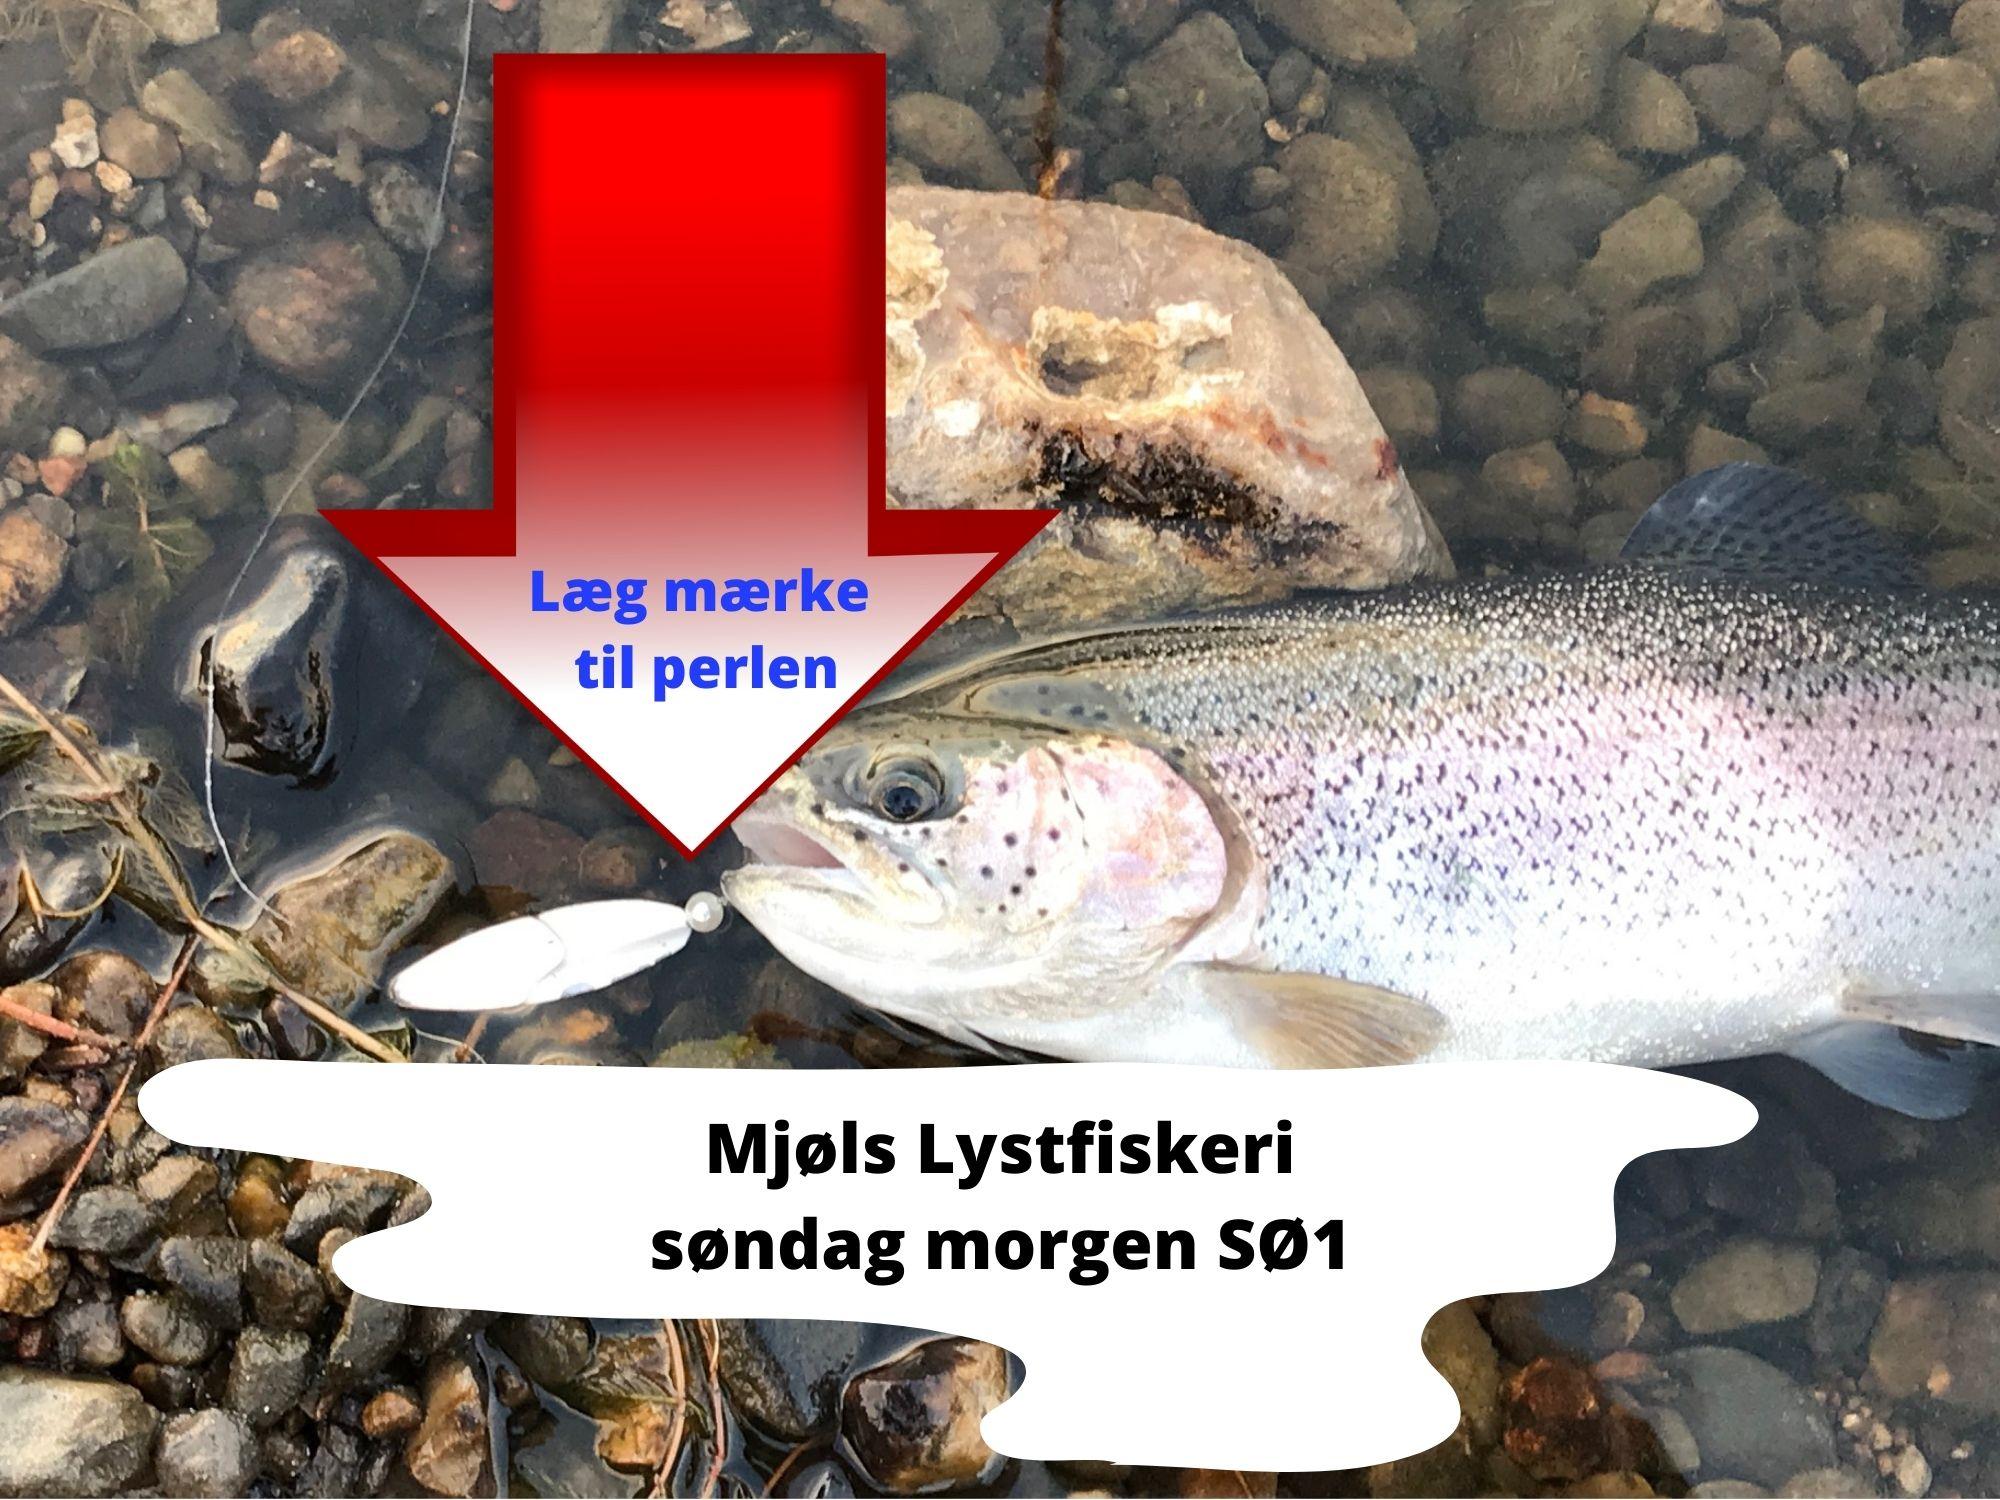 Mjøls Lystfiskeri: De bliver ved med at hugge på Trutta – det gav våde fødder her til morgen